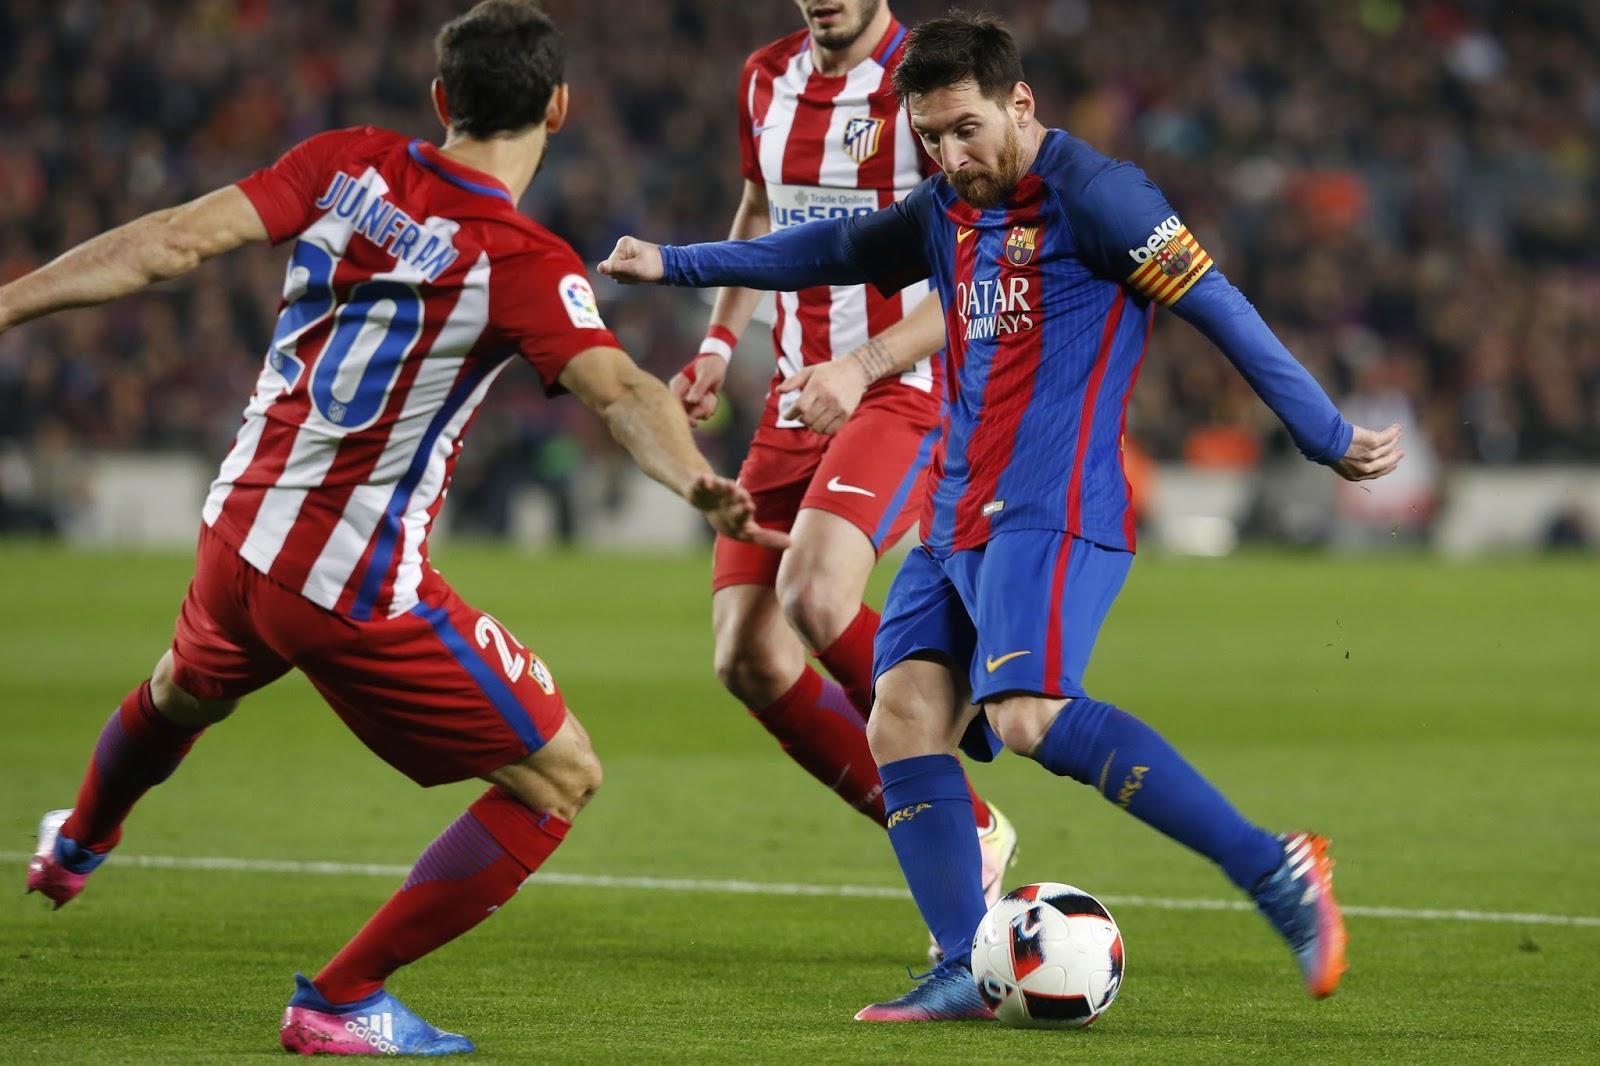 Atlético foi o dono do jogo no primeiro tempo, mas a genialidade de Messi colocou o Barcelona na frente (Foto: AFP/Pau Barrena)